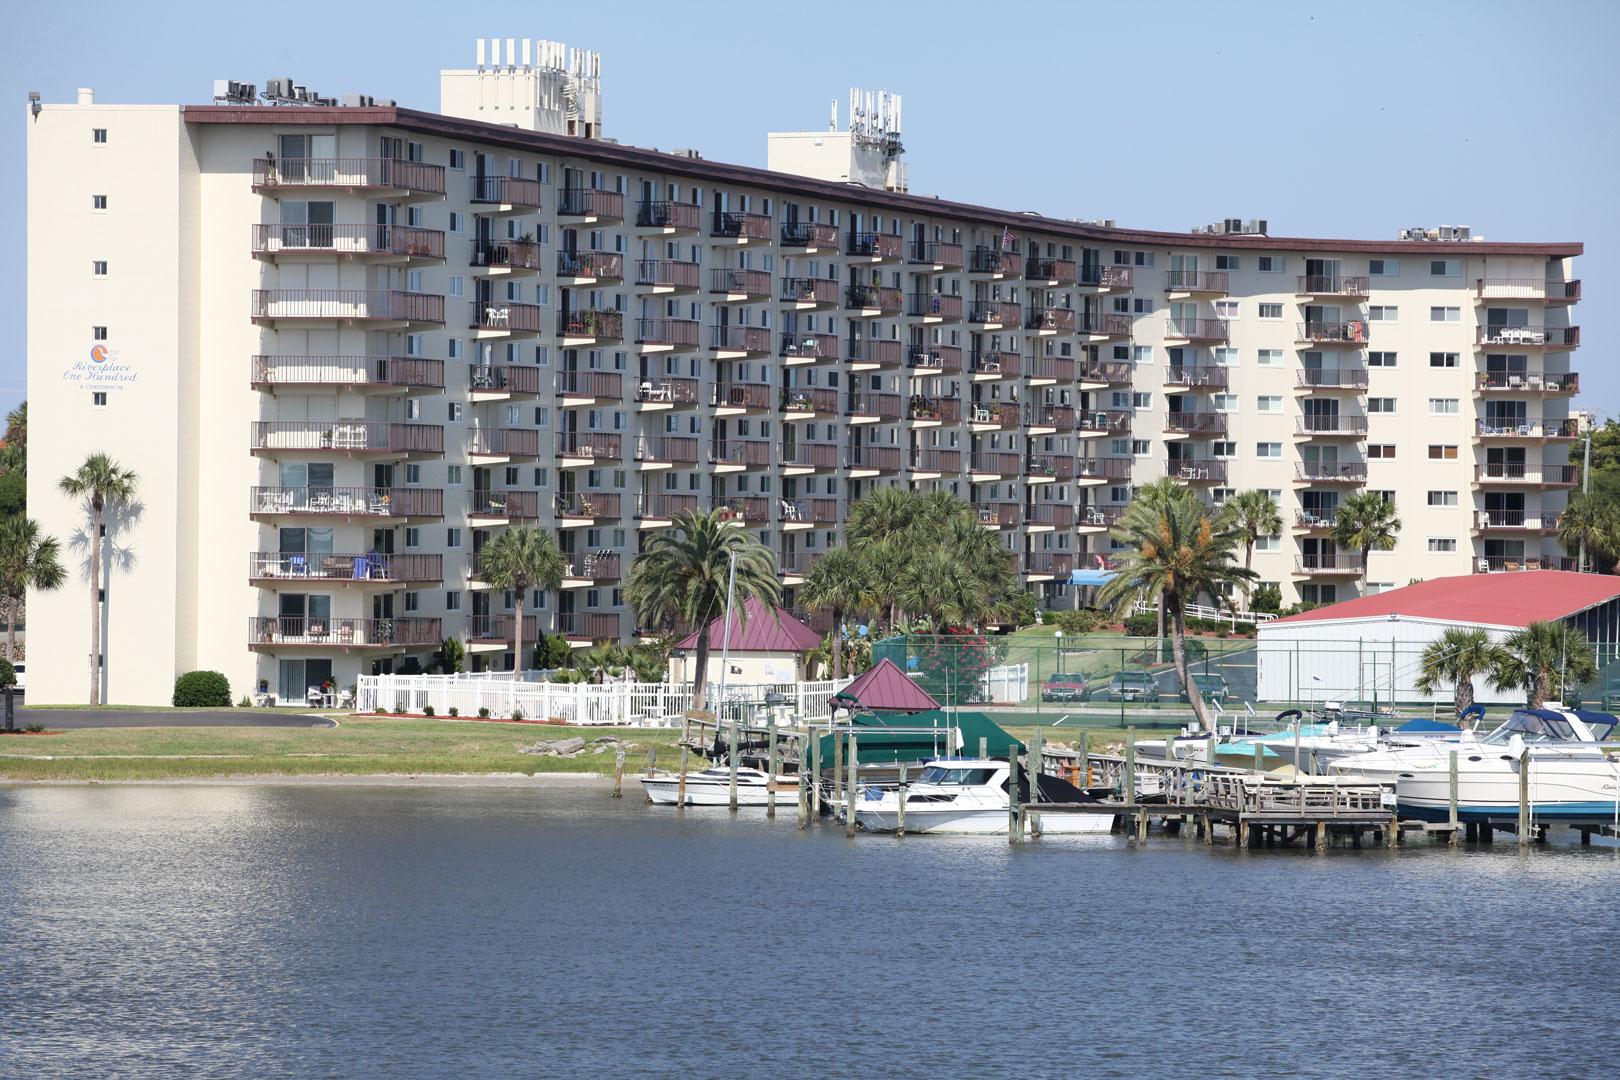 Daytona Condos Riverplace One Hundred In Daytona Beach